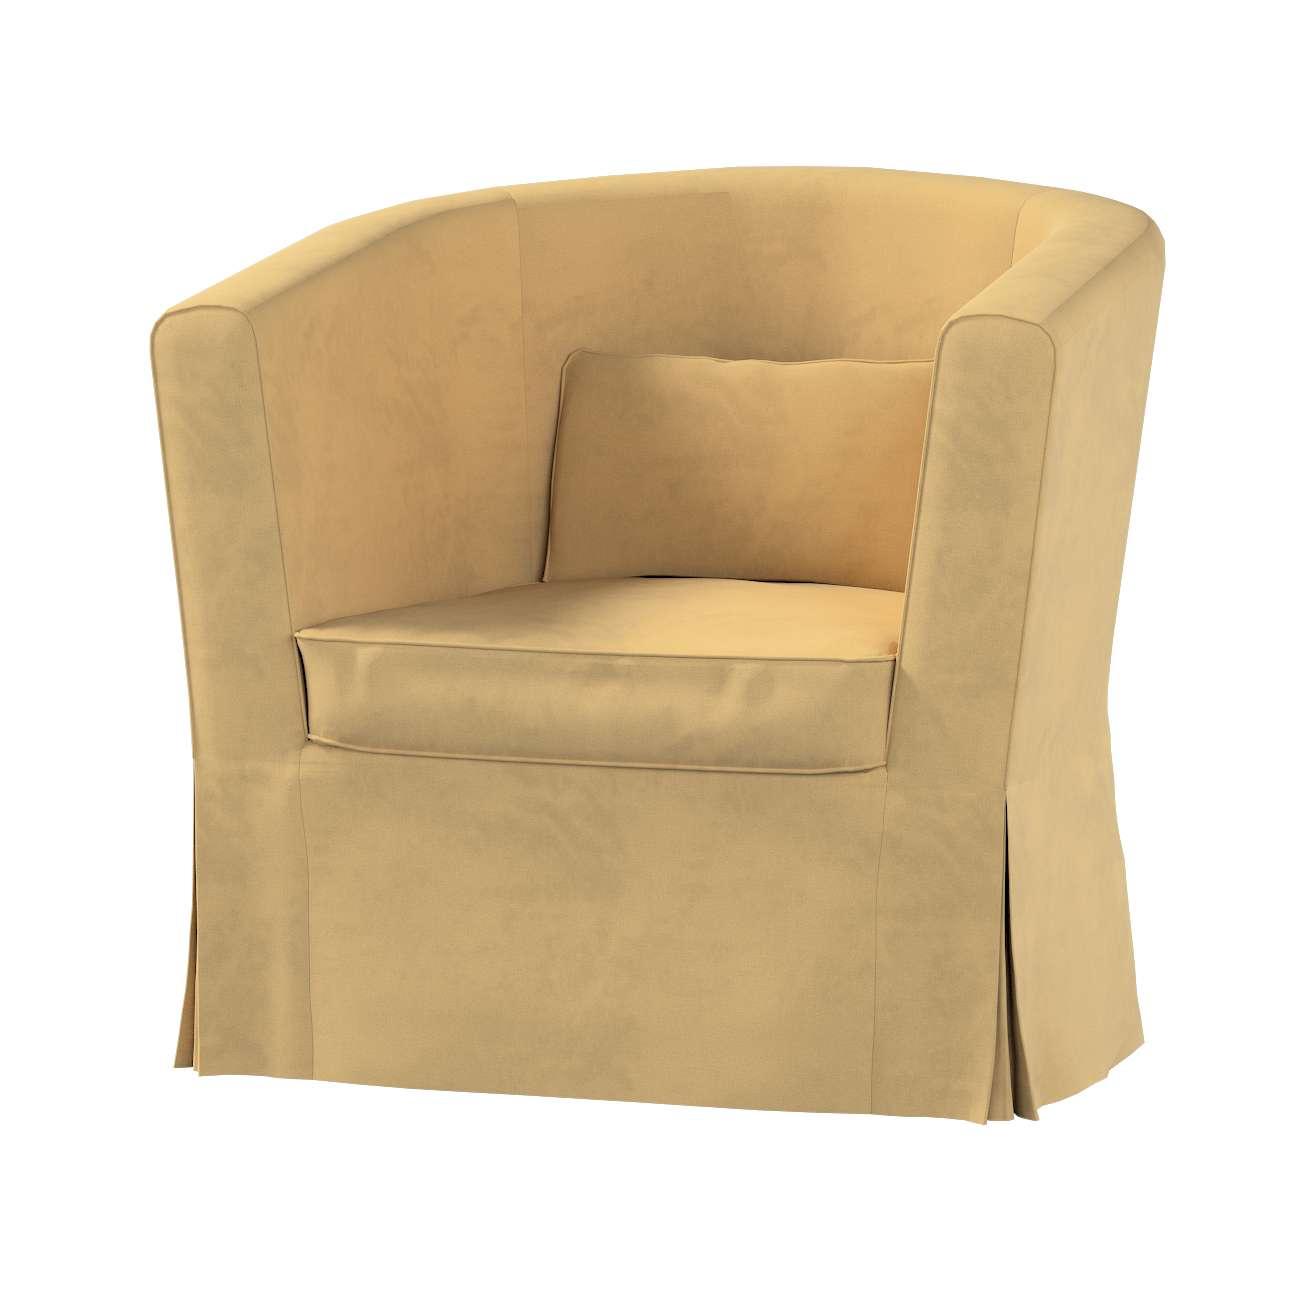 Pokrowiec na fotel Ektorp Tullsta w kolekcji Living II, tkanina: 160-93